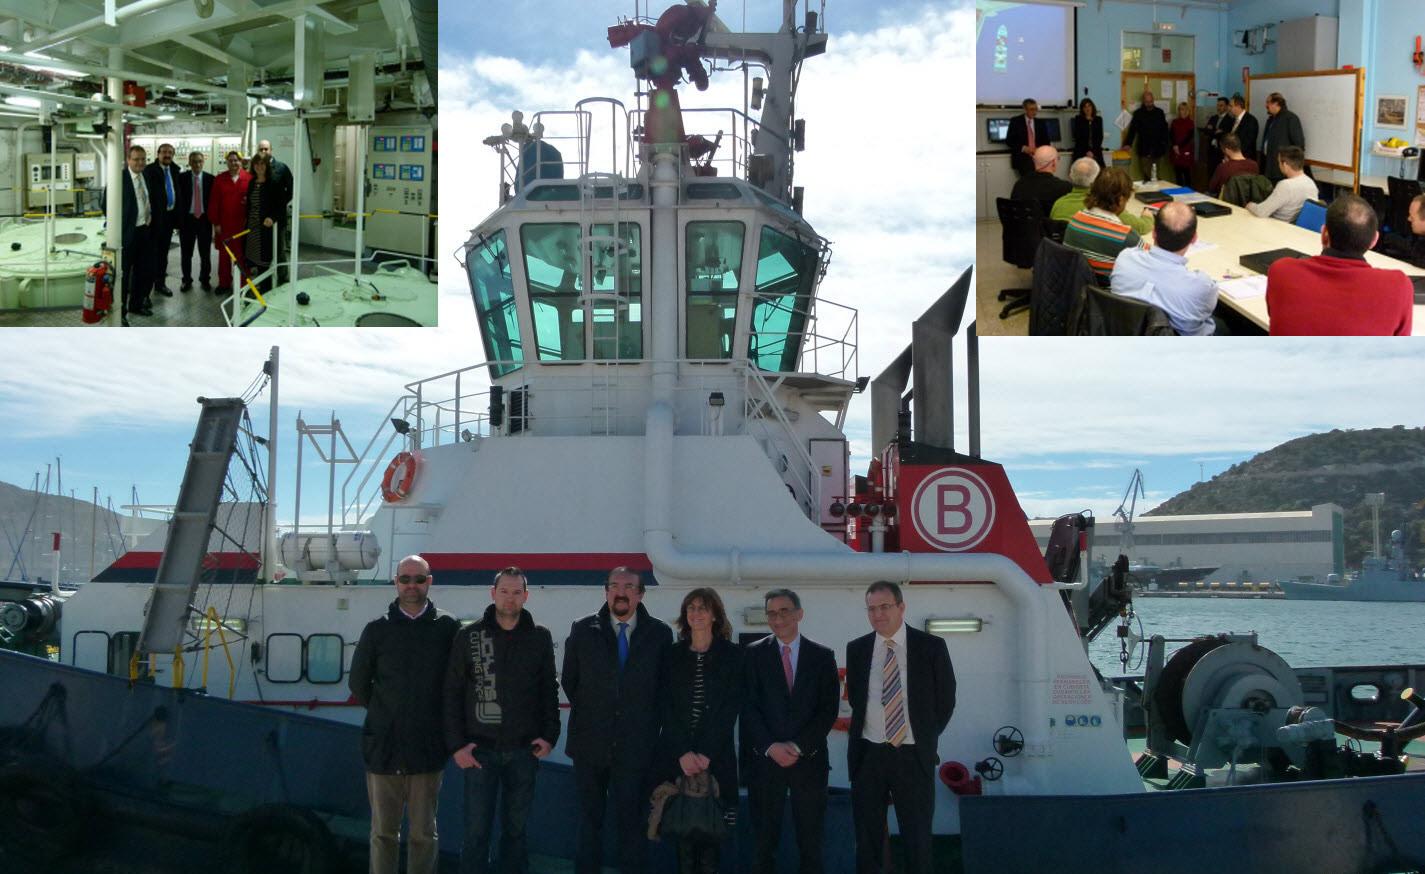 profesores con miembros empresa boluda y barco al fondo